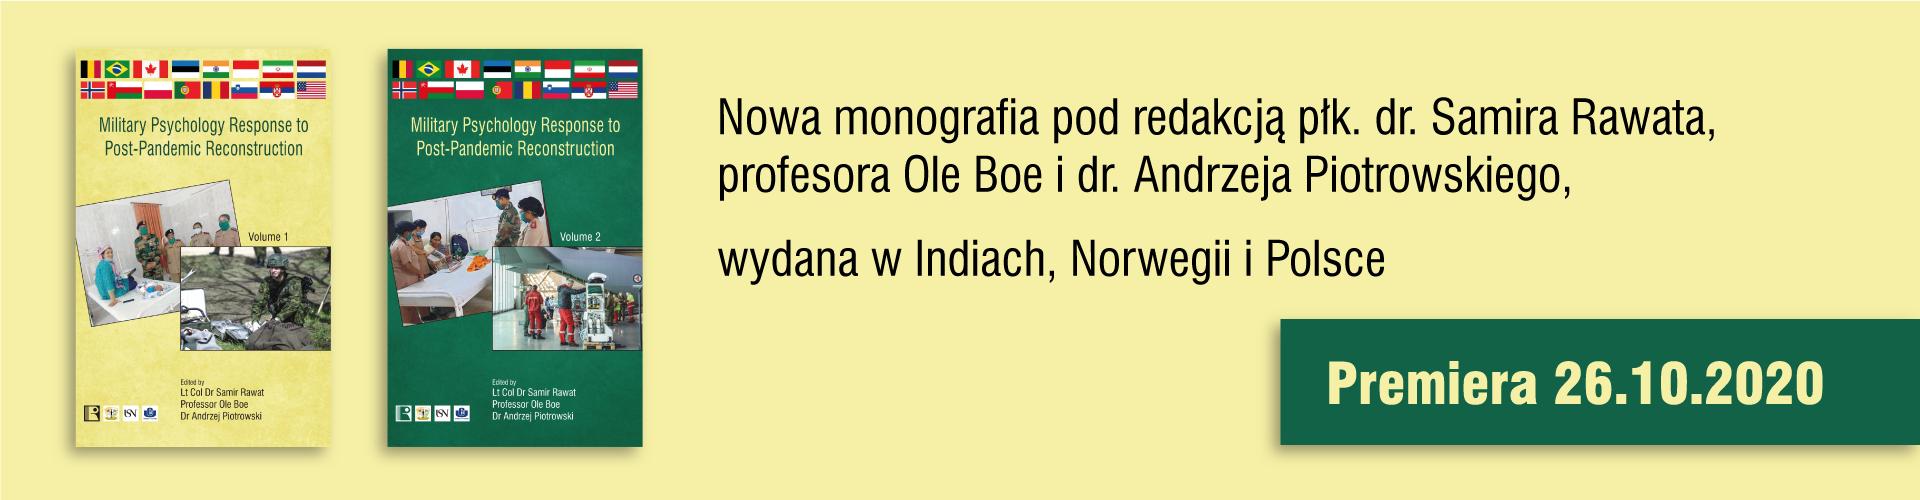 Nowa monografia naukowa